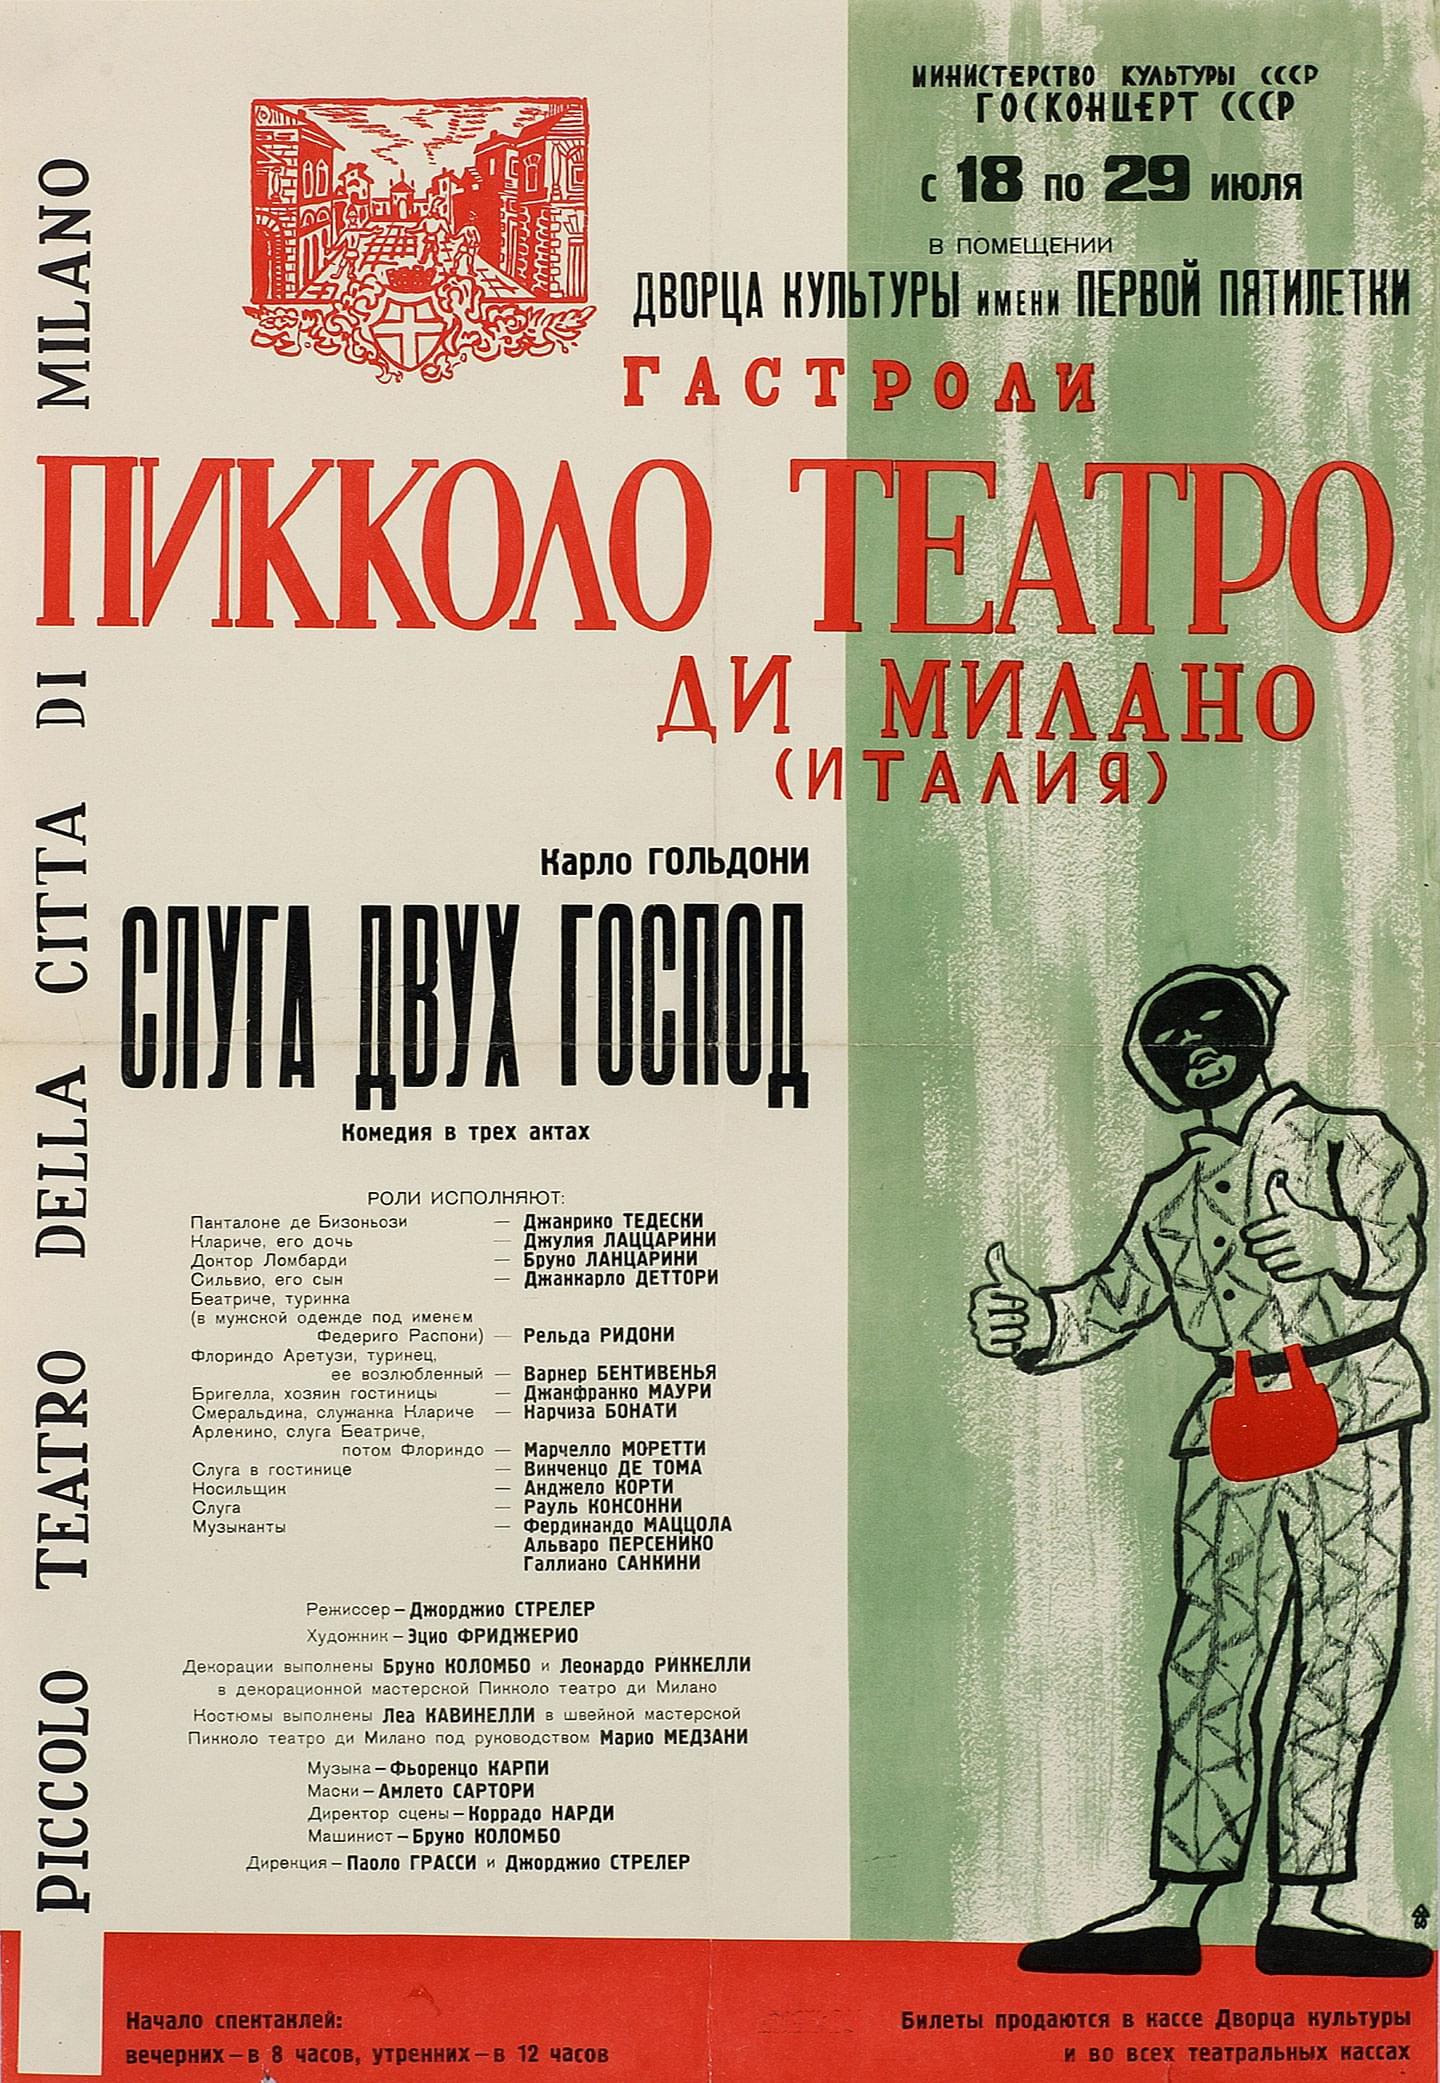 Leningrado, 18 luglio 1960 - Archivio Piccolo Teatro di Milano